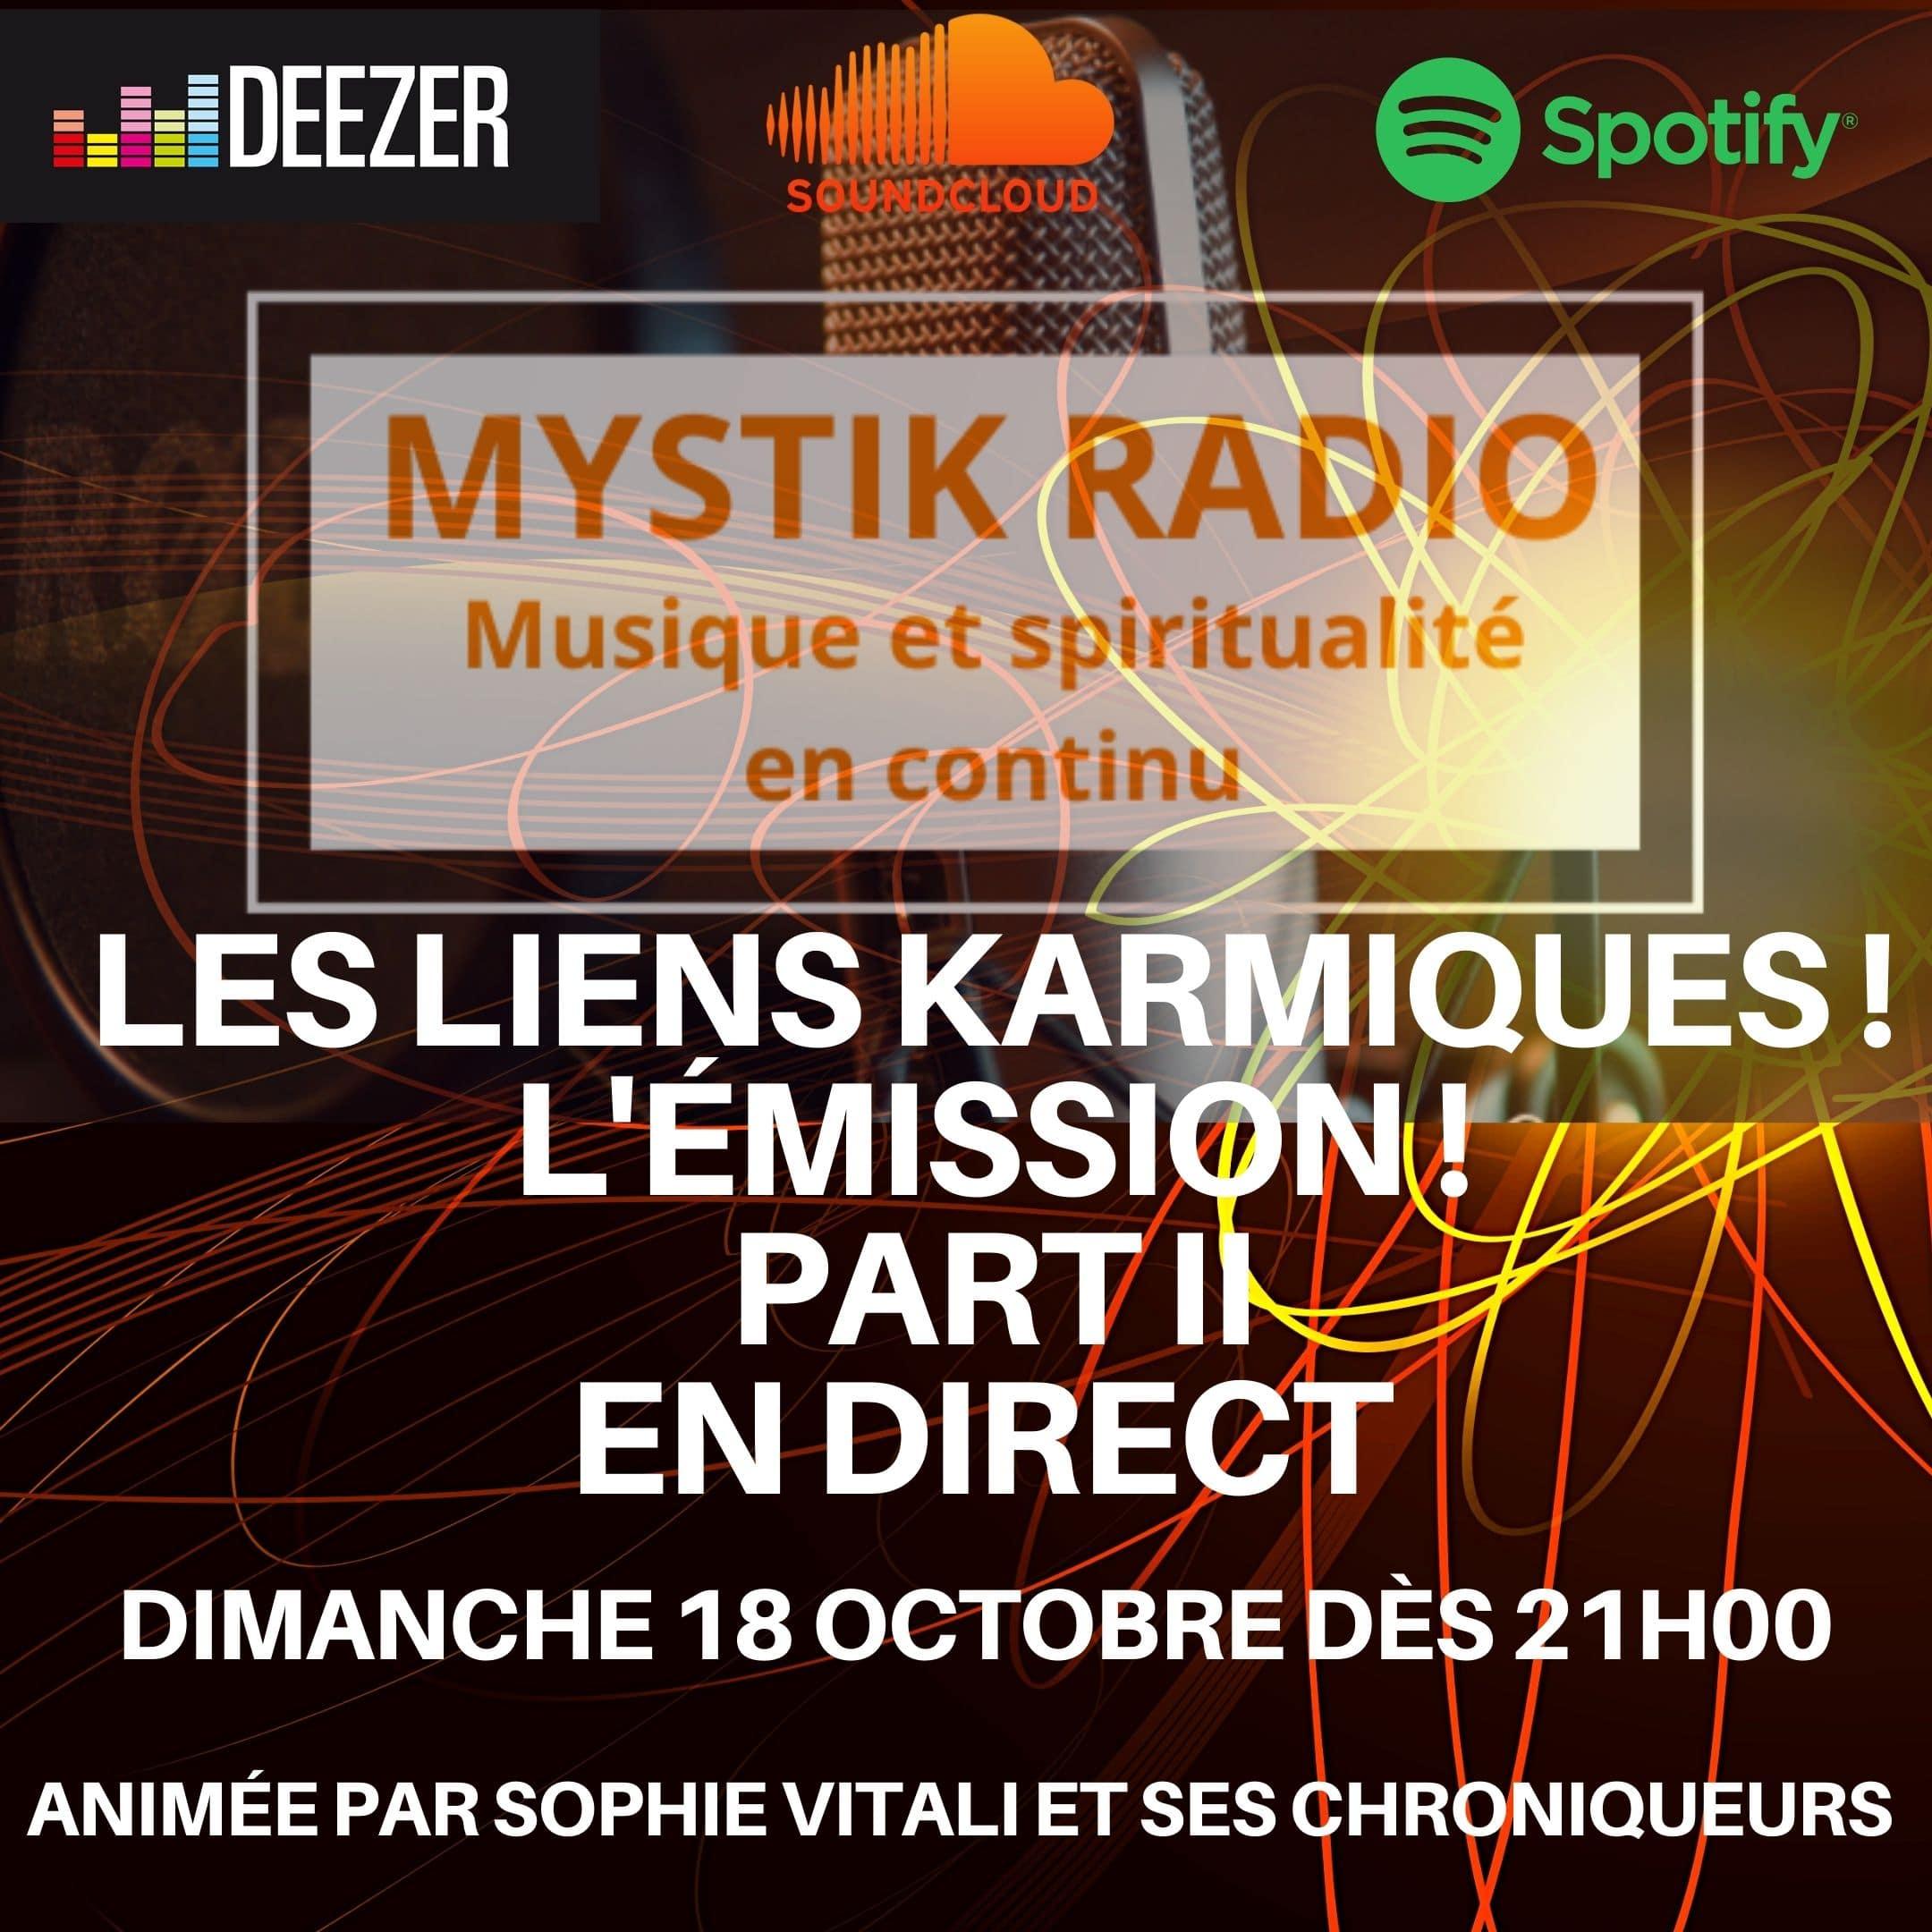 Les liens karmiques! L'émission partie 2/ Mystik Radio